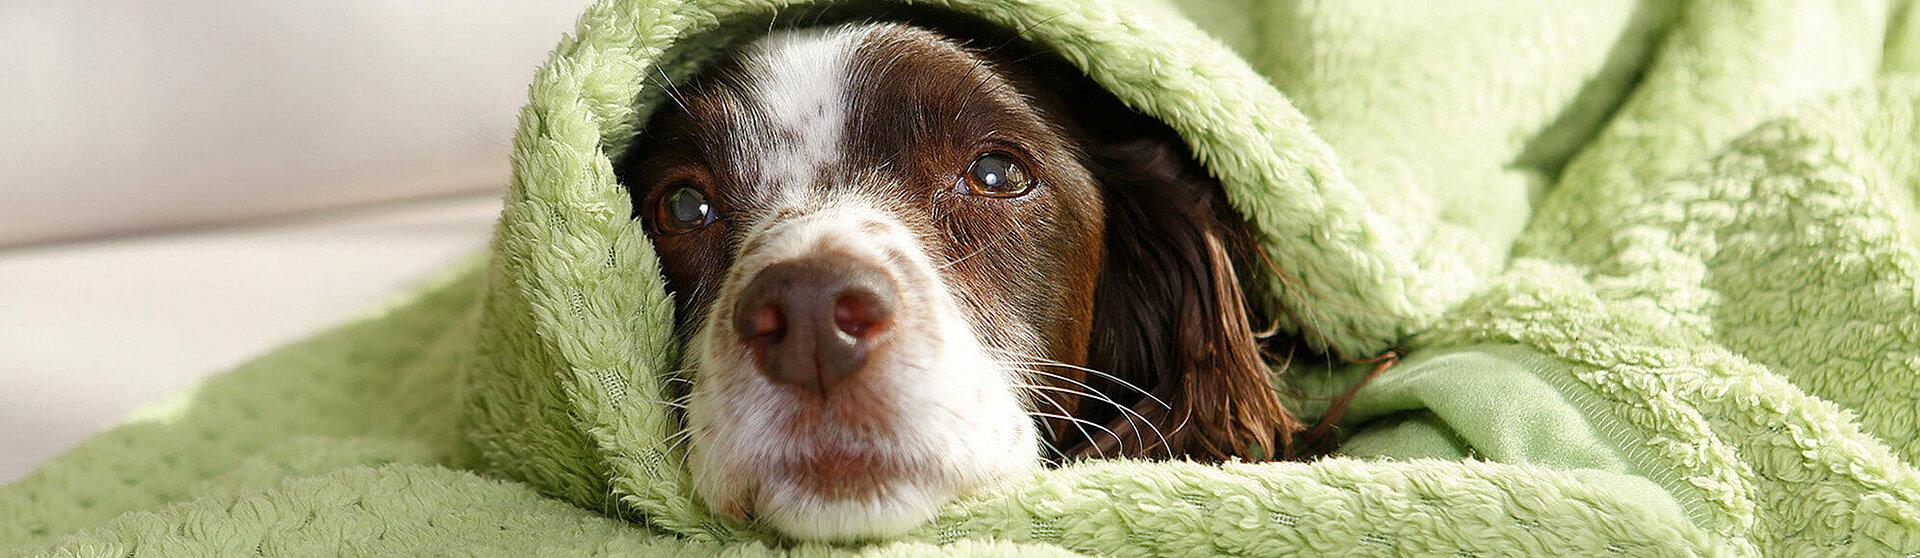 Hund mit Altersproblemen.